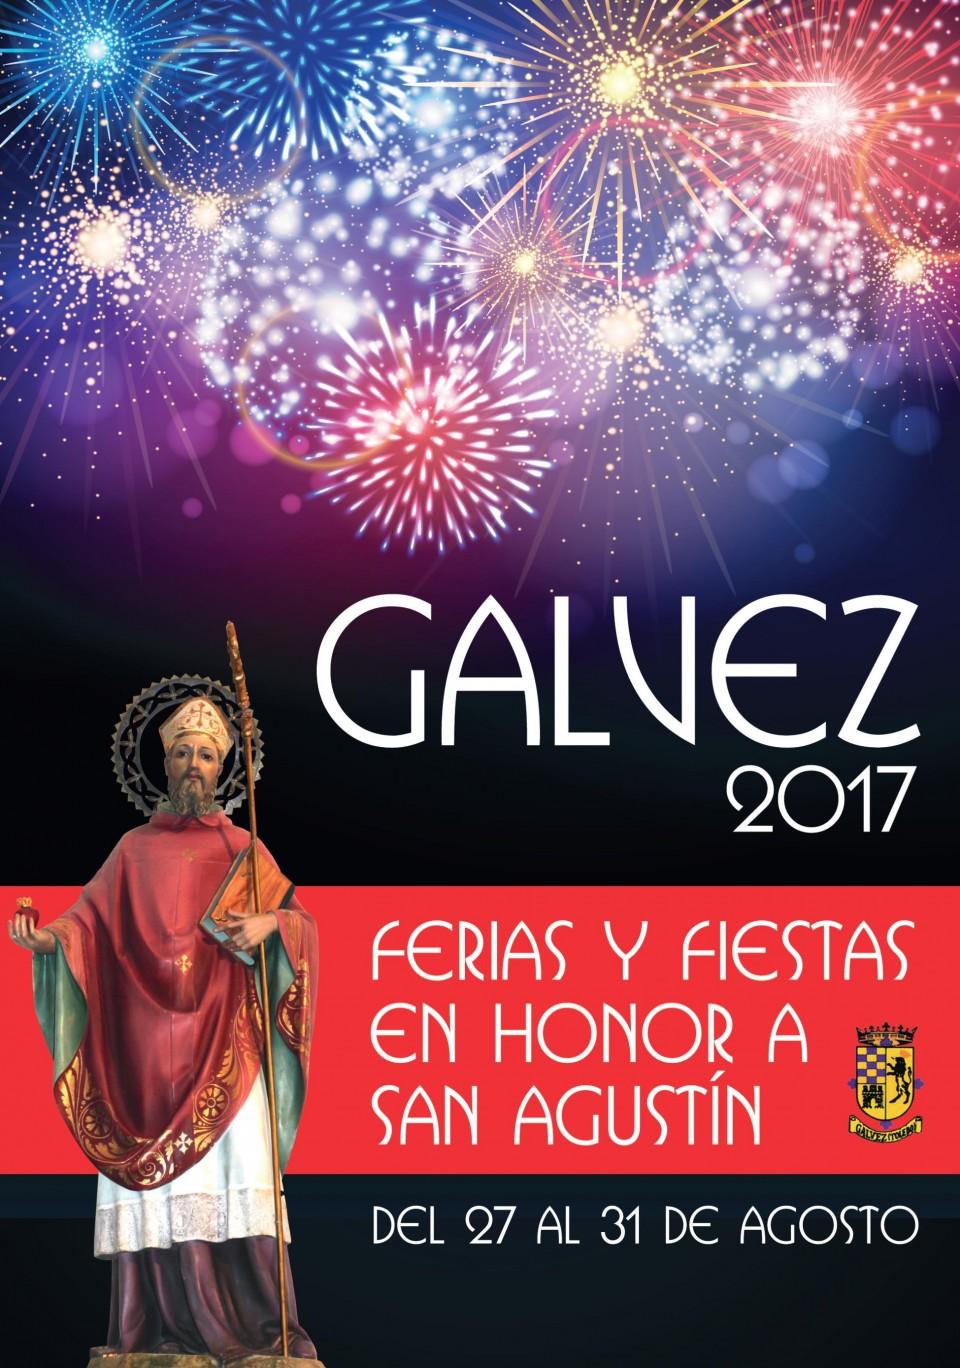 Ferias y Fiestas en honor a San Agustín 2017